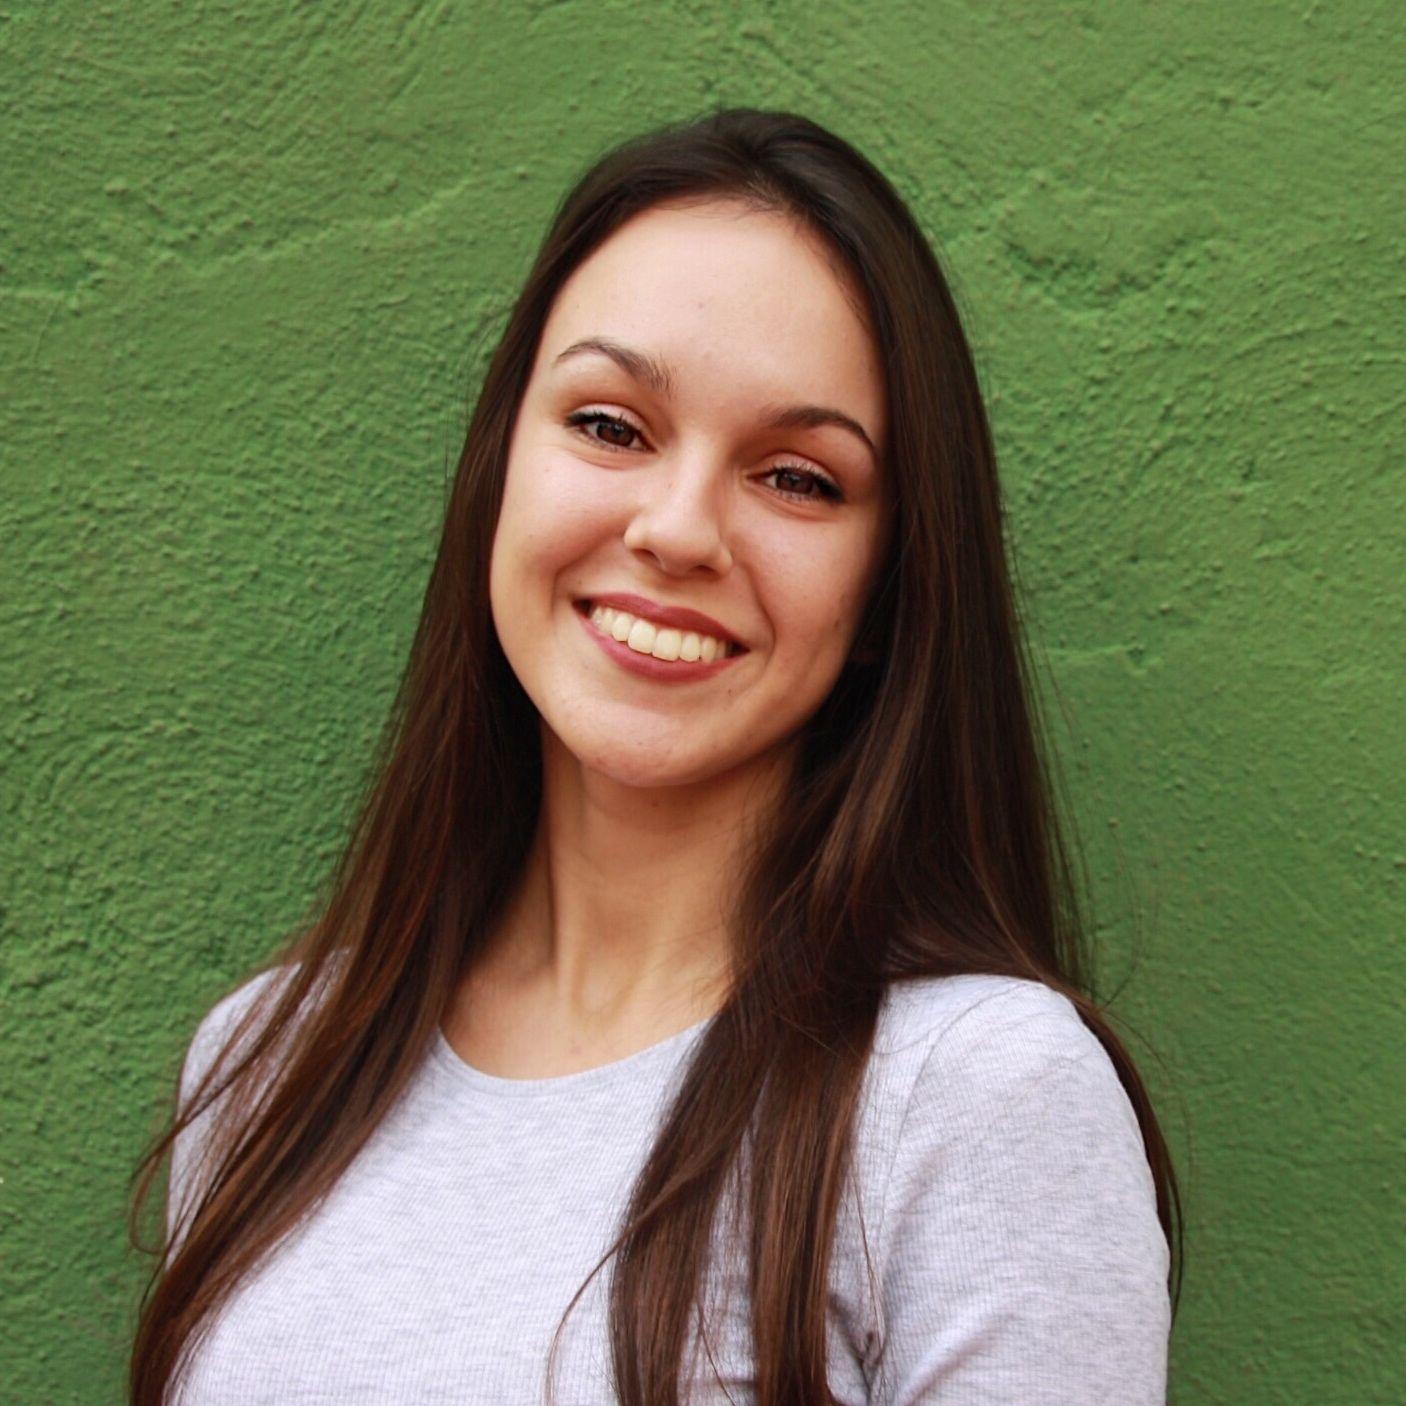 Cristina Miguélez